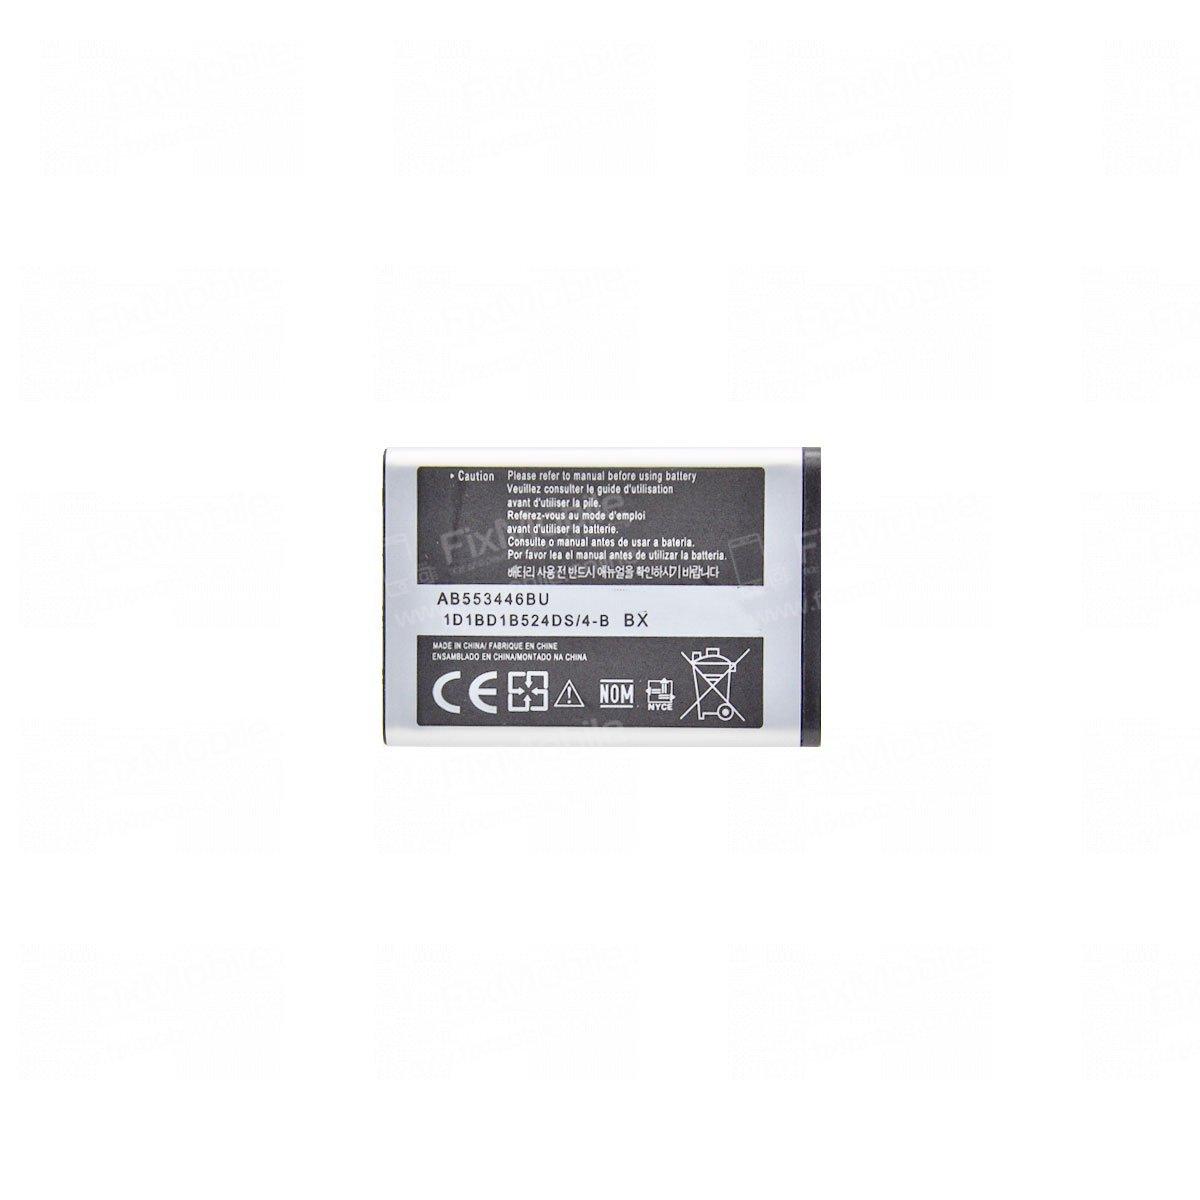 Аккумуляторная батарея для Samsung C5212 Duos AB553446BU